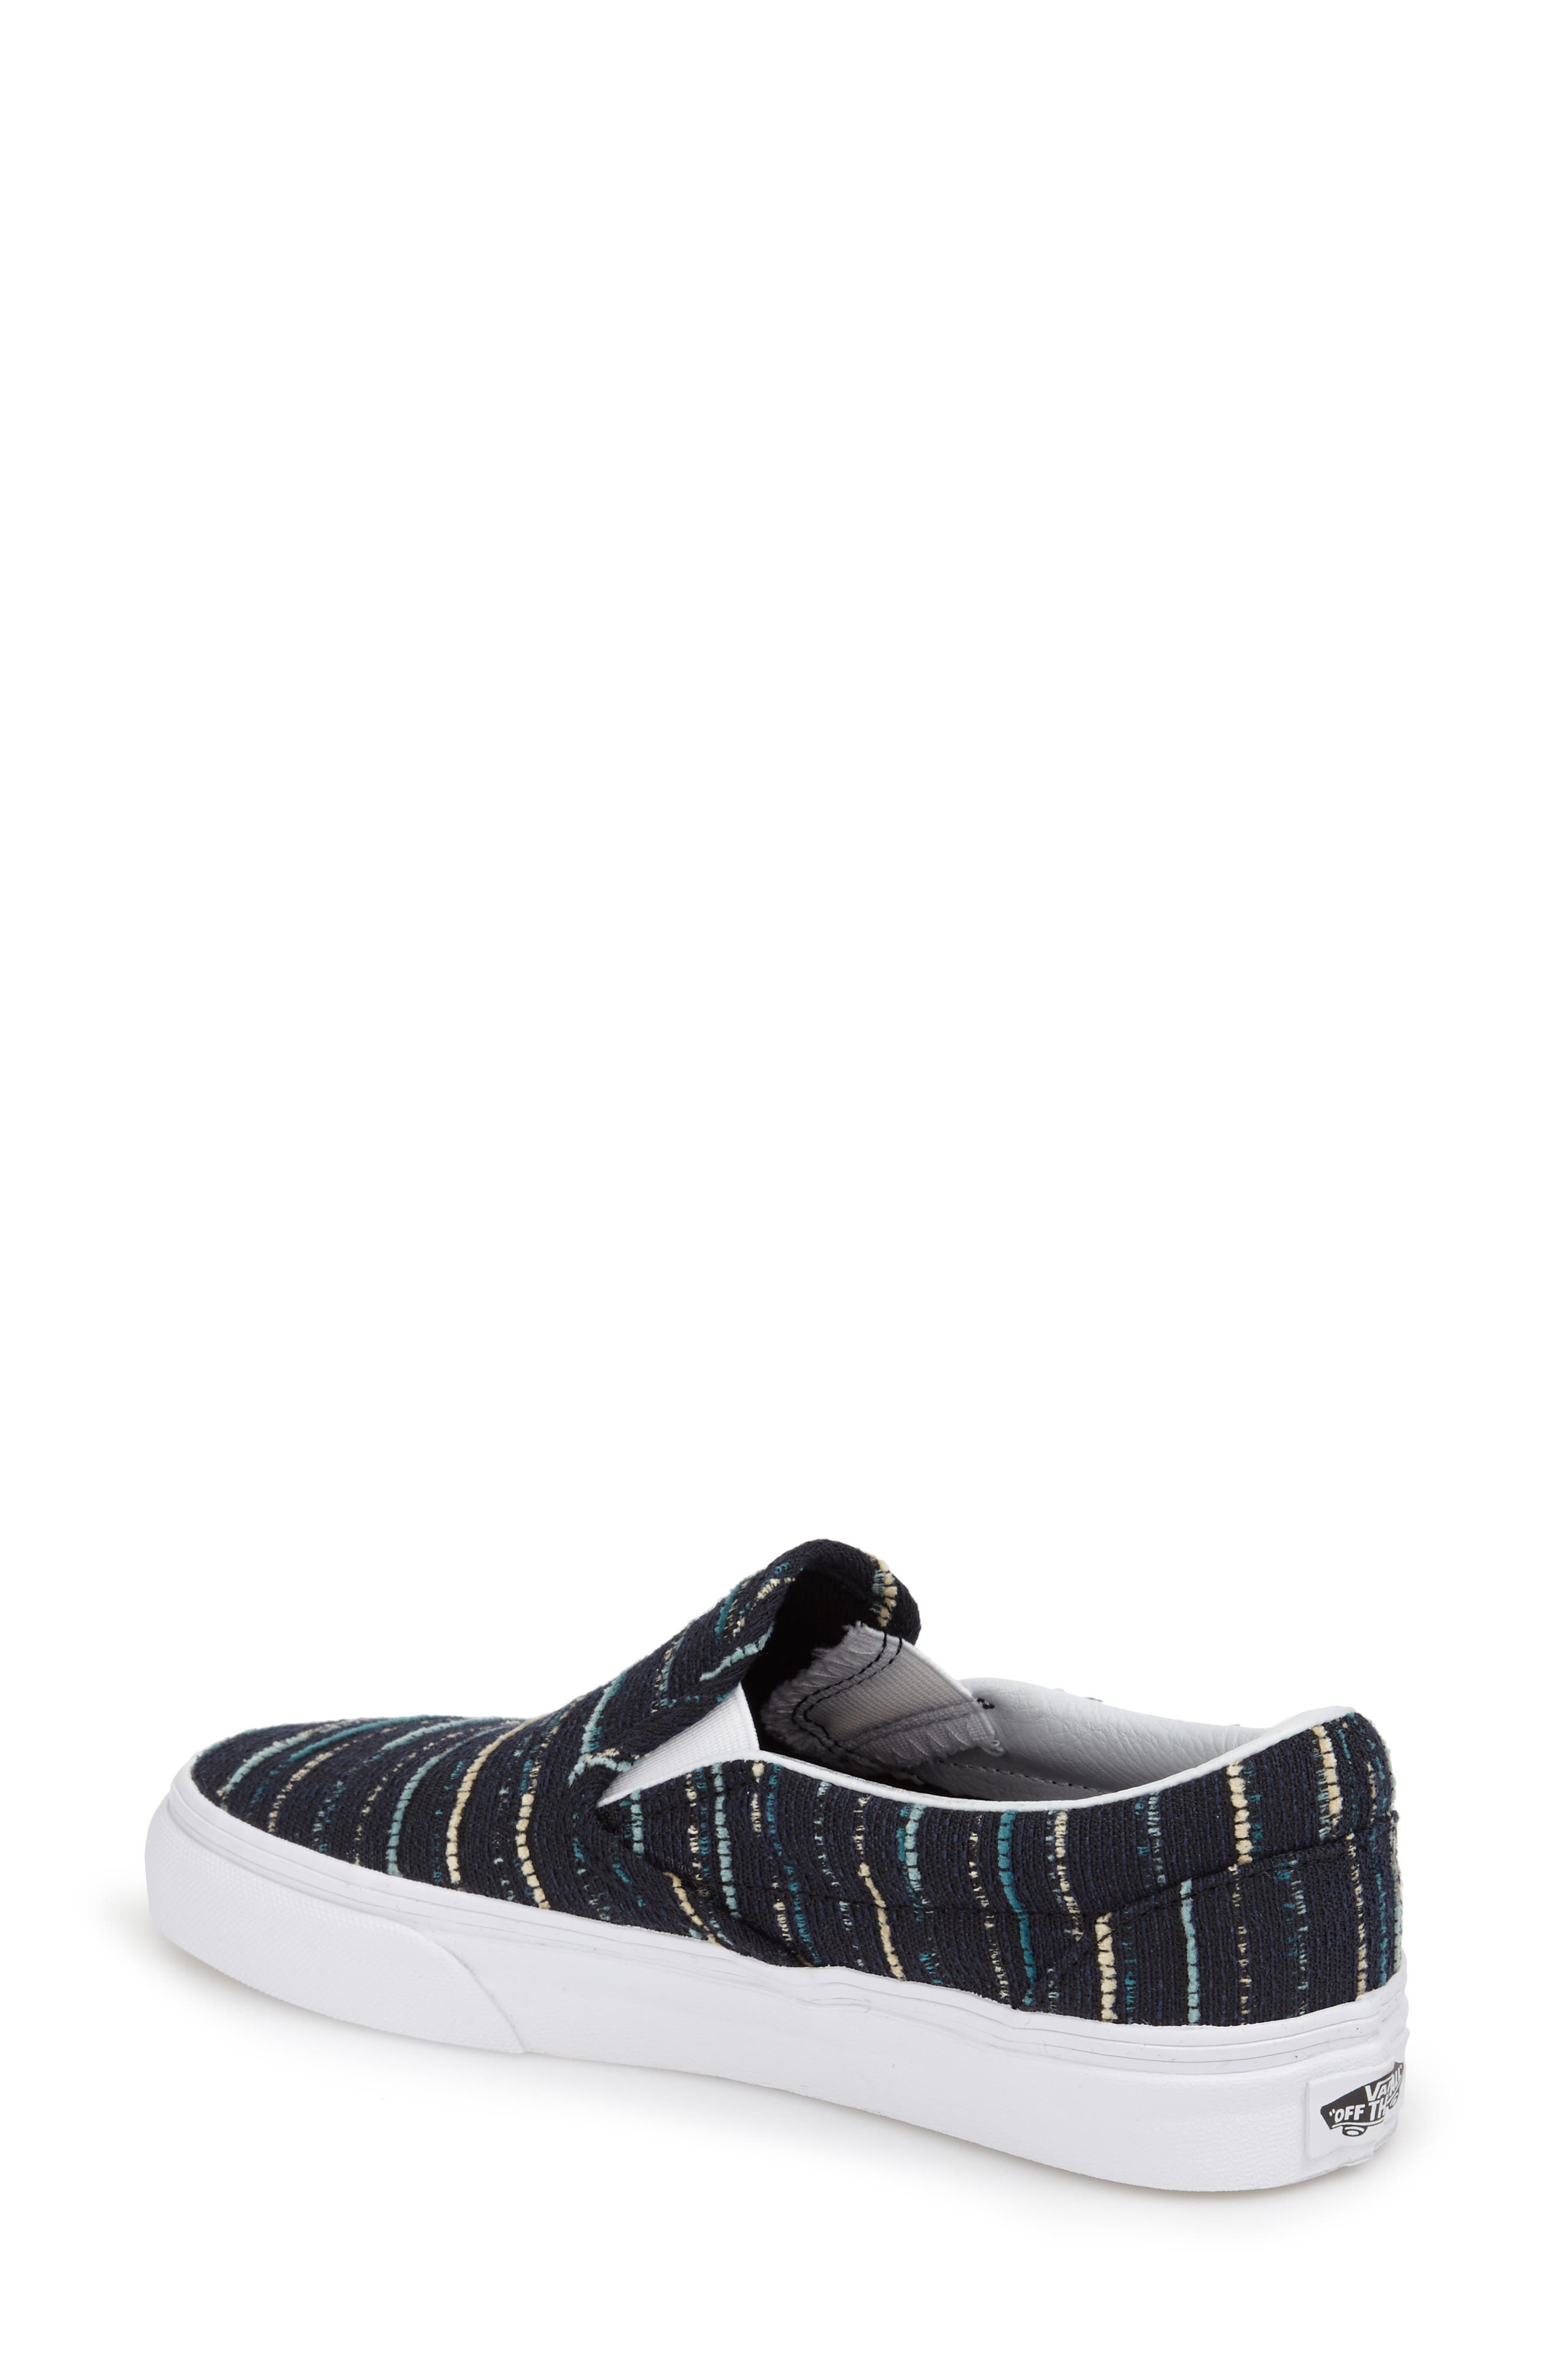 ,                             Classic Slip-On Sneaker,                             Alternate thumbnail 72, color,                             007